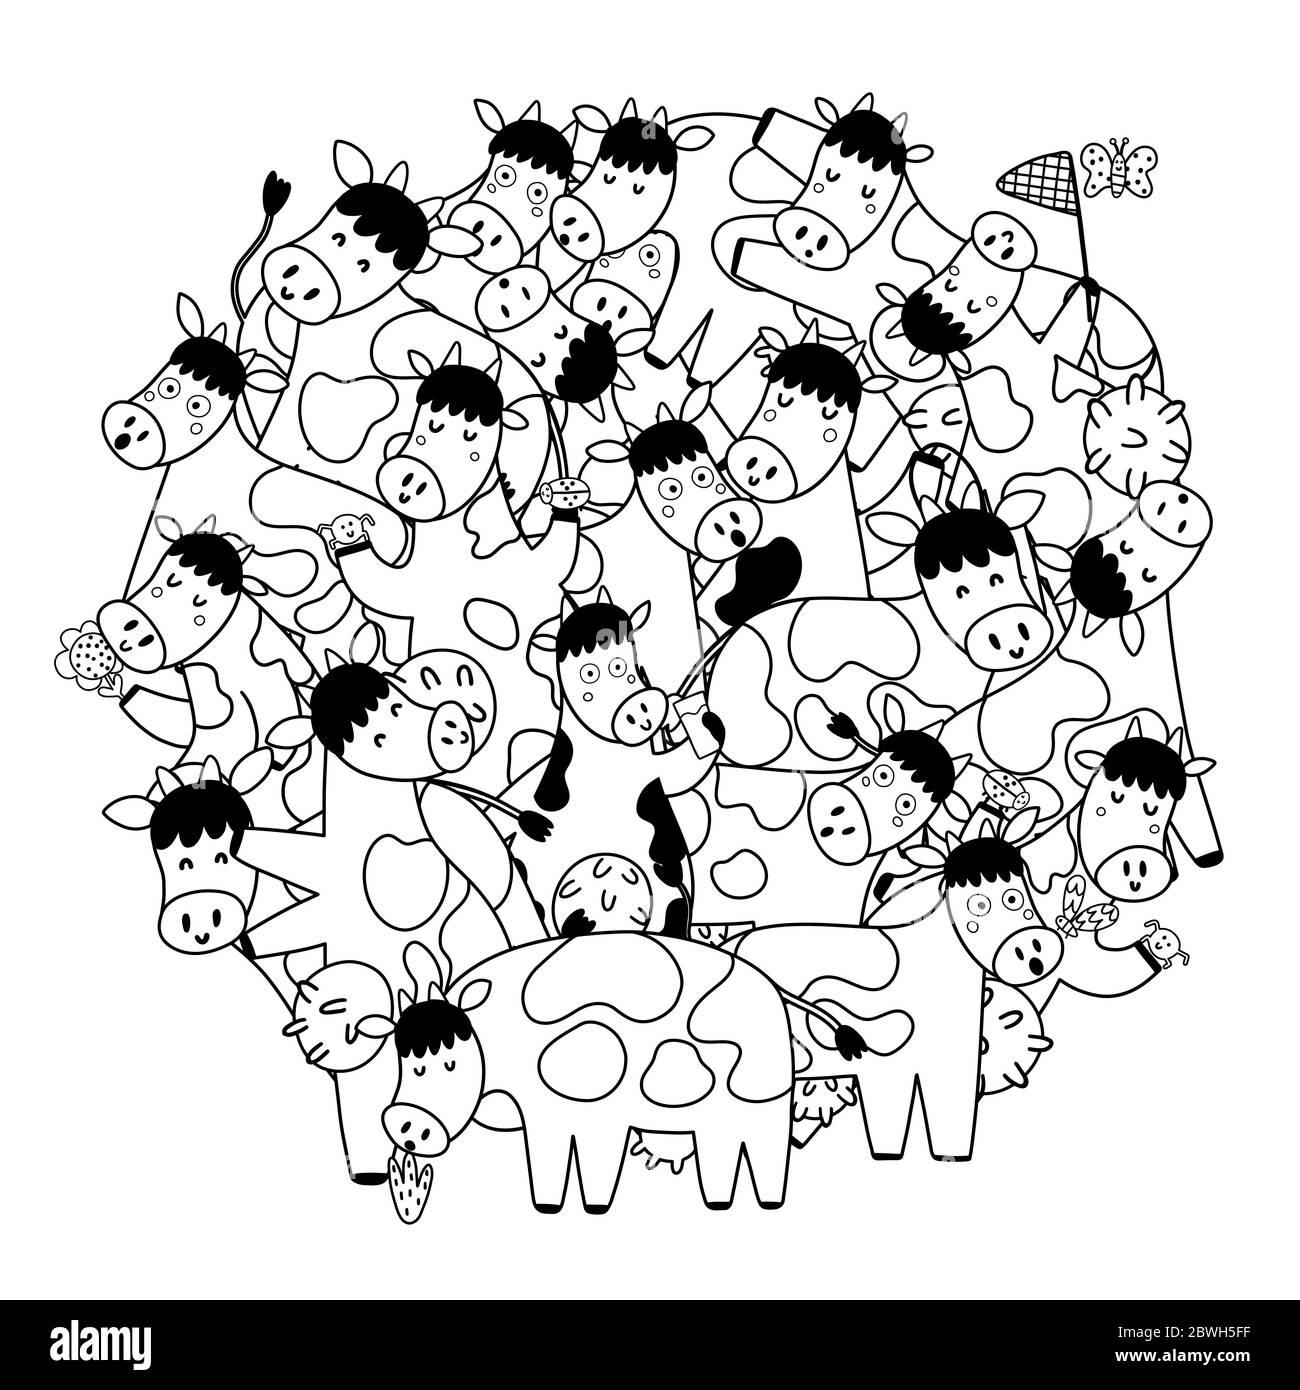 Kreis Form Muster mit niedlichen Kühe zum Ausmalen Buch Stock Vektor